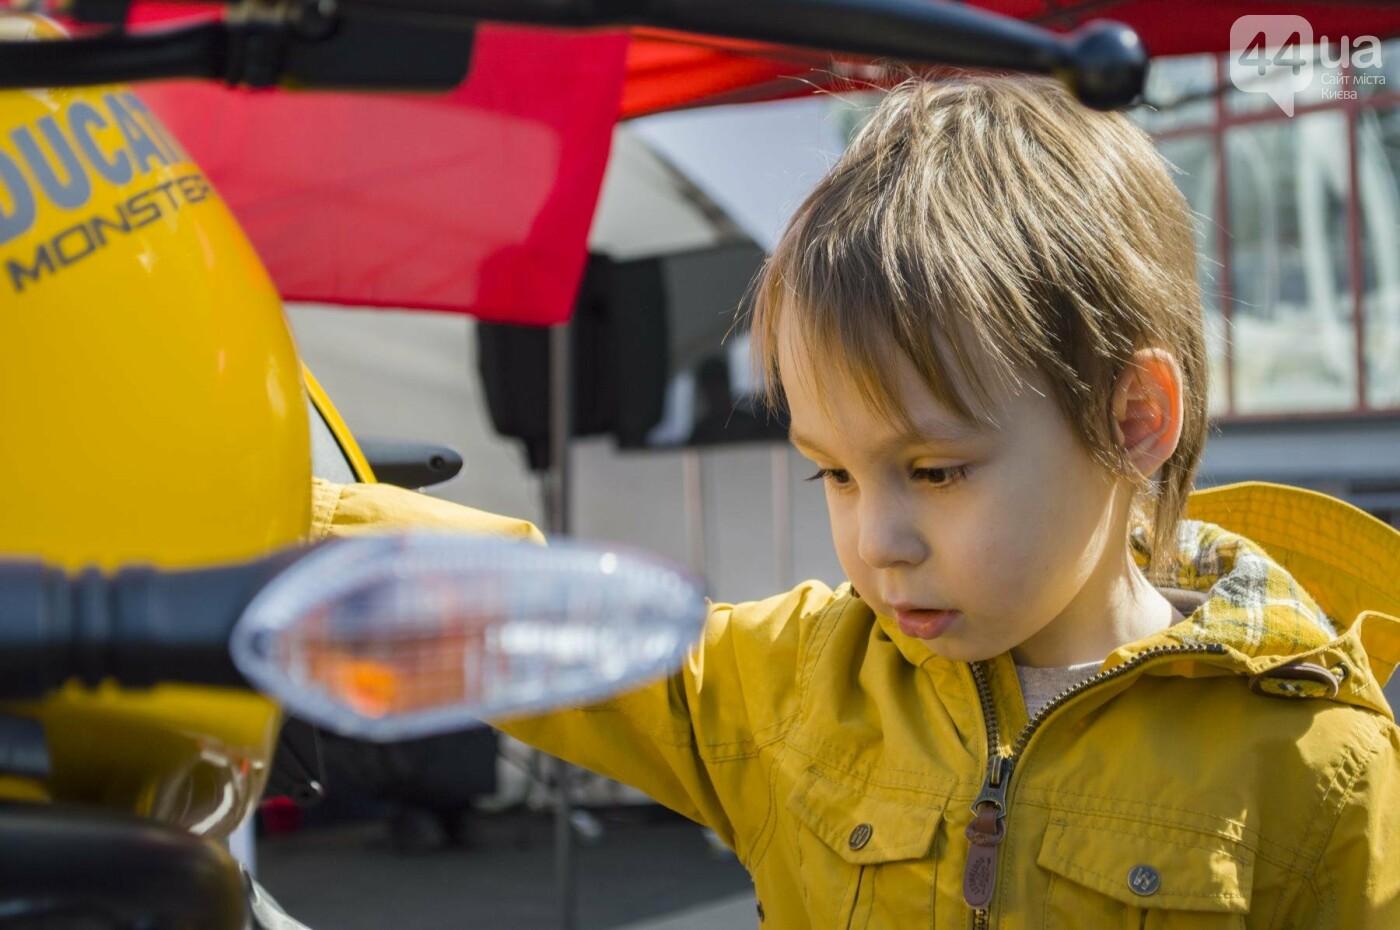 Мотогонки, автошоу патрульных и мощный дрифт: на Подоле проходит масштабный фестиваль драйва, фото-9